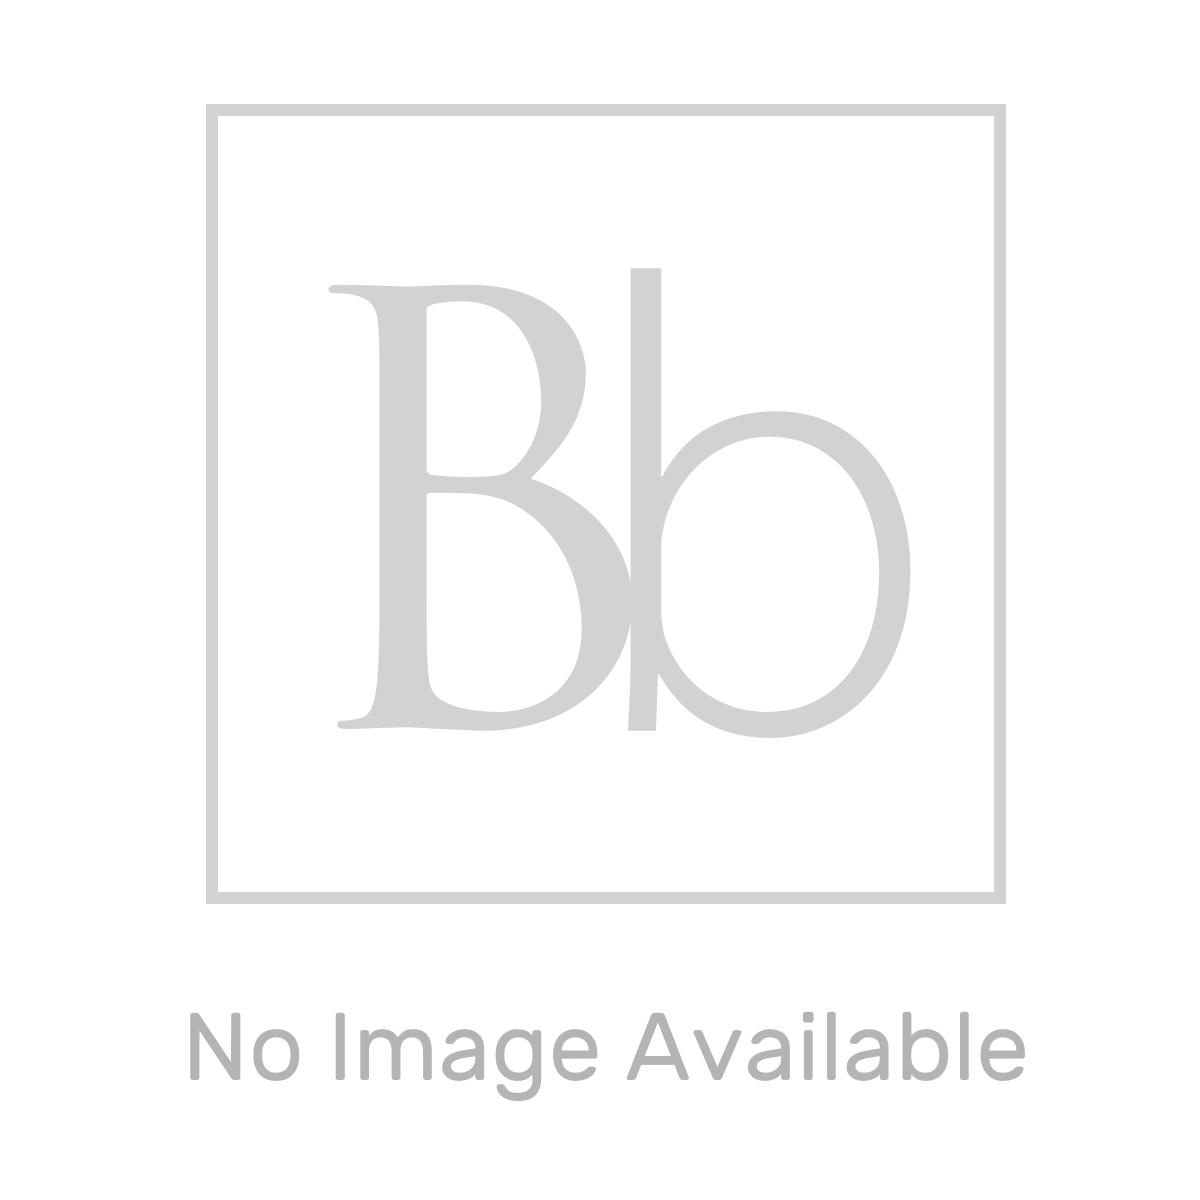 Sensio Aria Round LED Mirror with Demister Pad SE30516C0